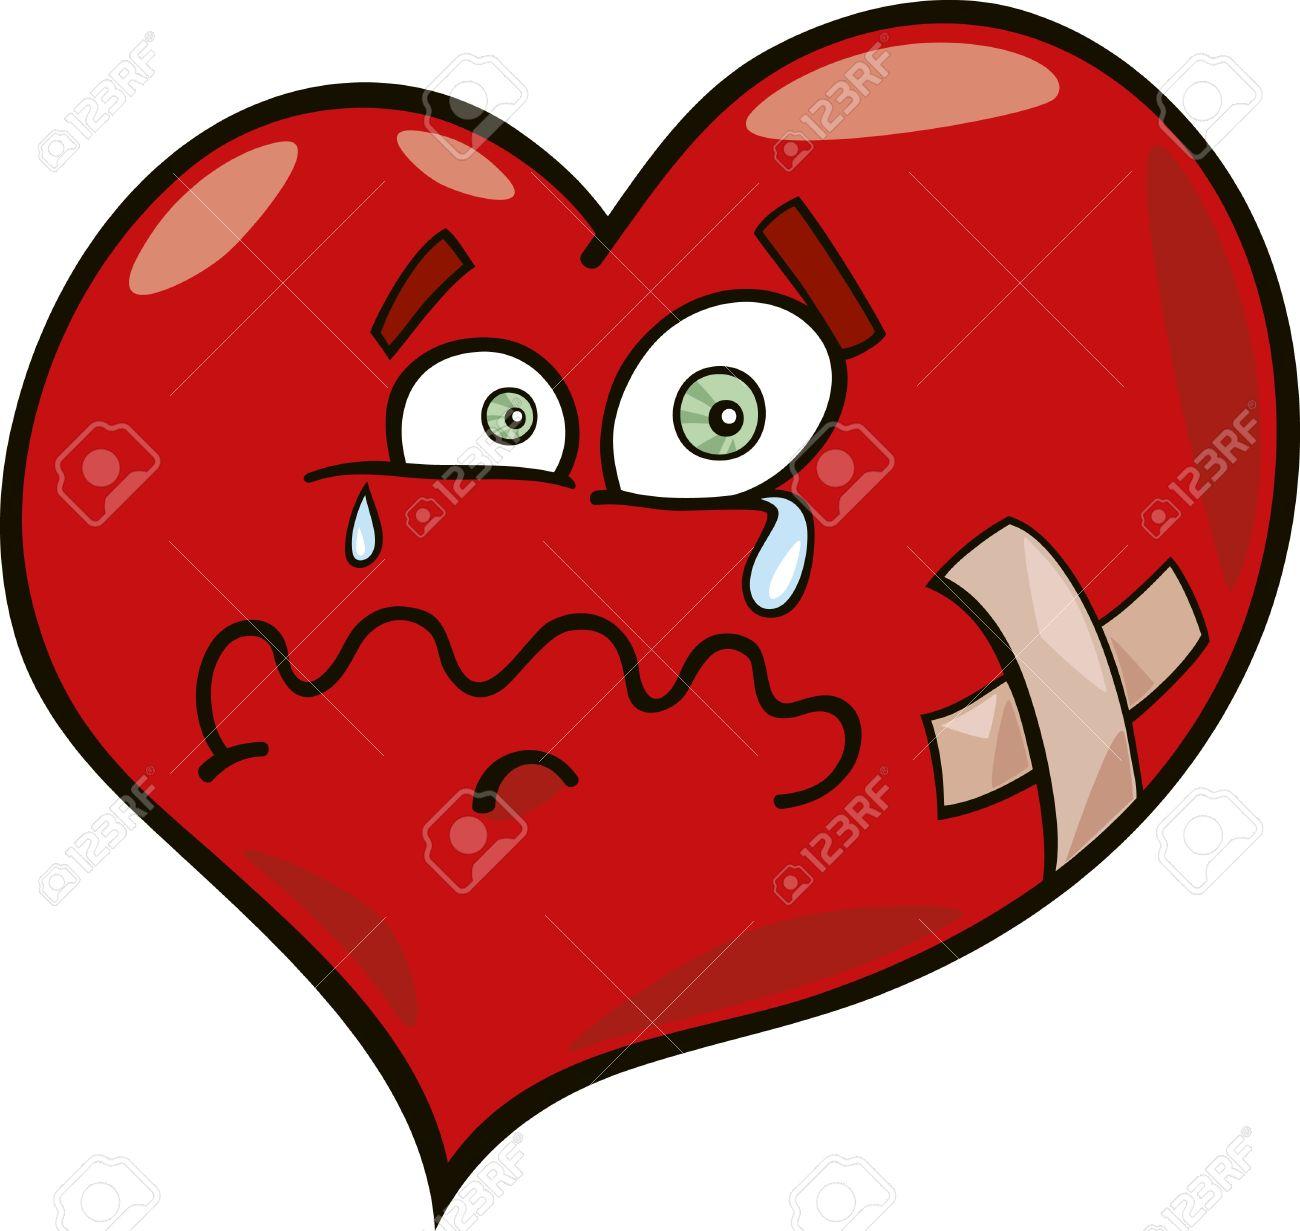 Ilustración De Dibujos Animados De Corazón Roto Ilustraciones